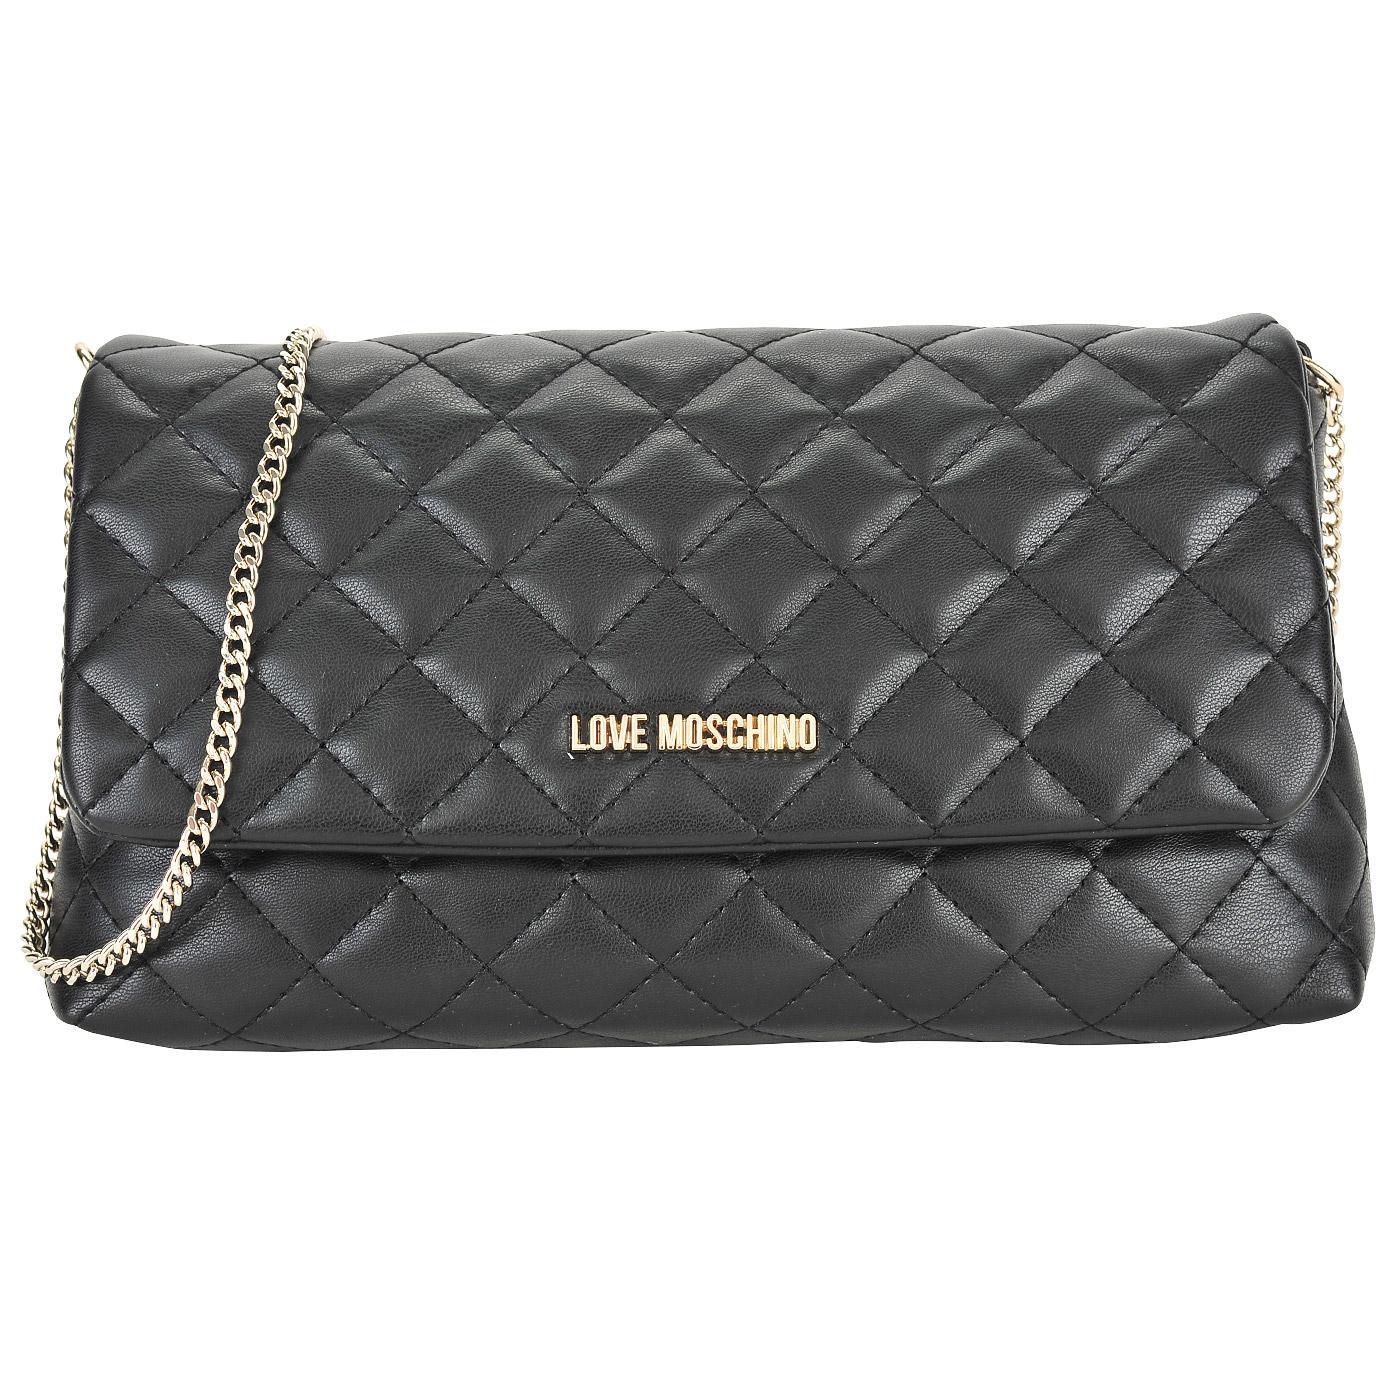 b52020158a91 Маленькая черная стеганая сумка с откидным клапаном и цепочкой Love Moschino  Evening bag ...